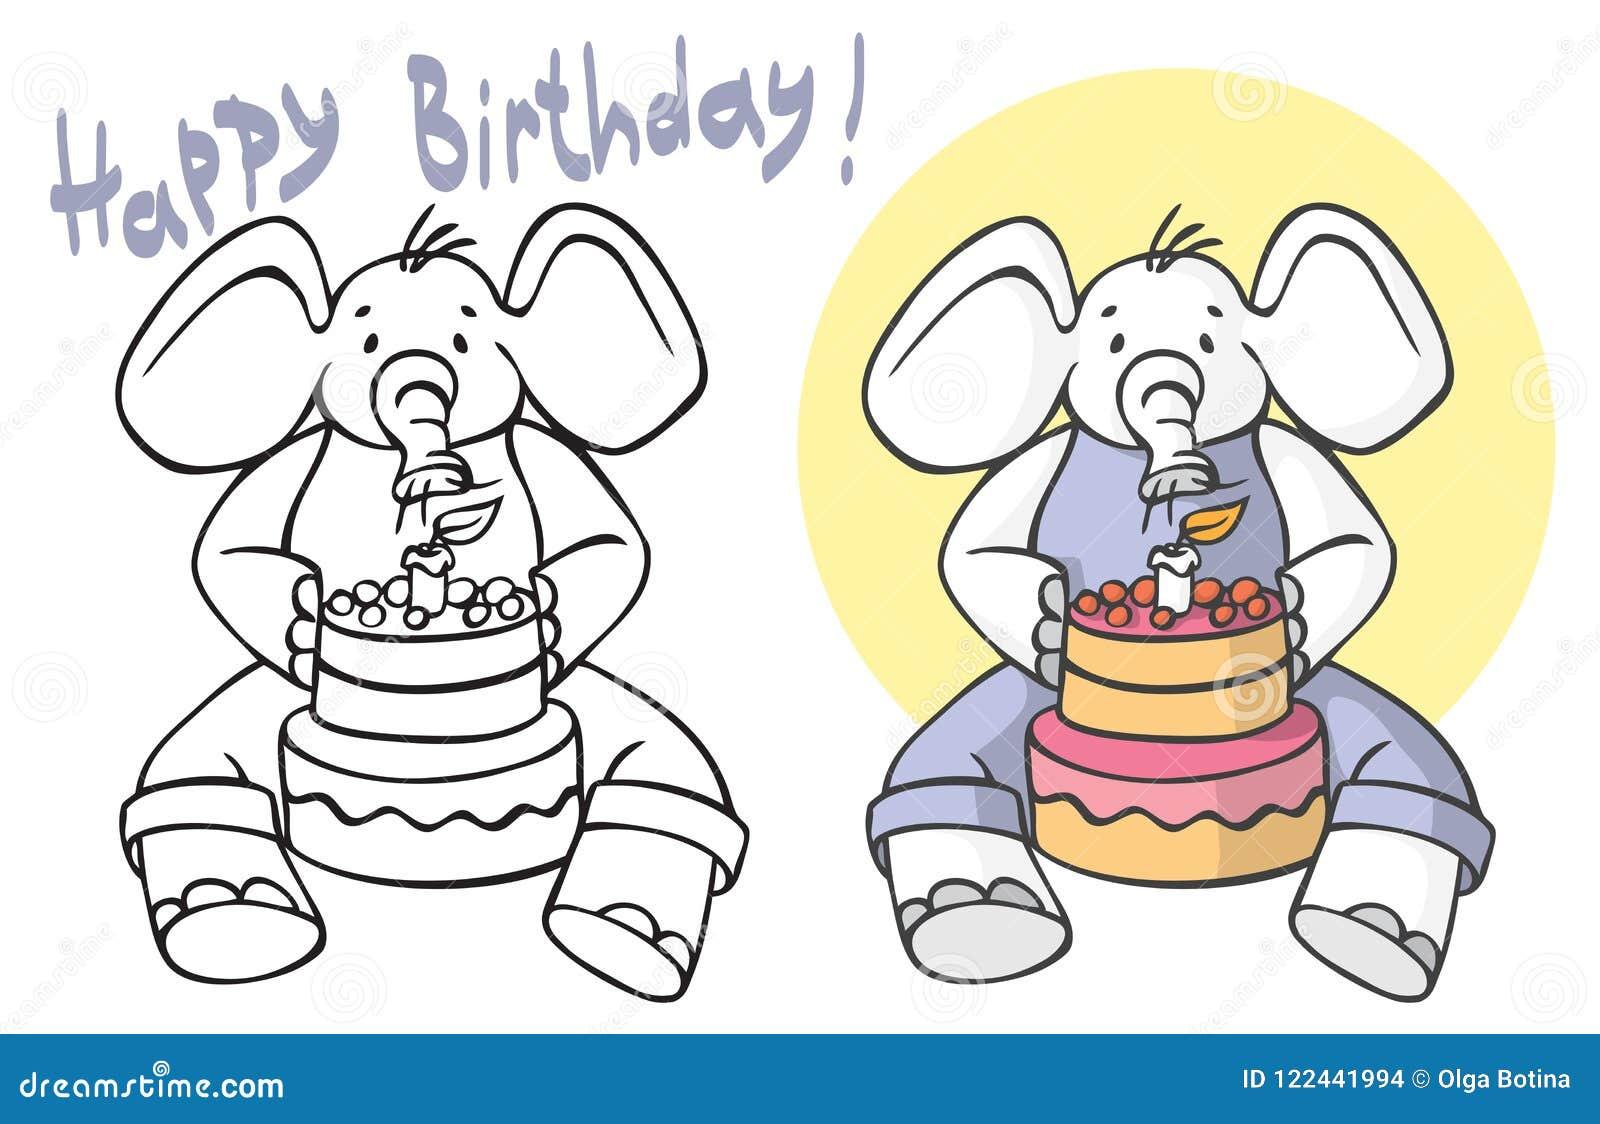 Wszystkiego najlepszego z okazji urodzin słoń dmucha out świeczki na torcie